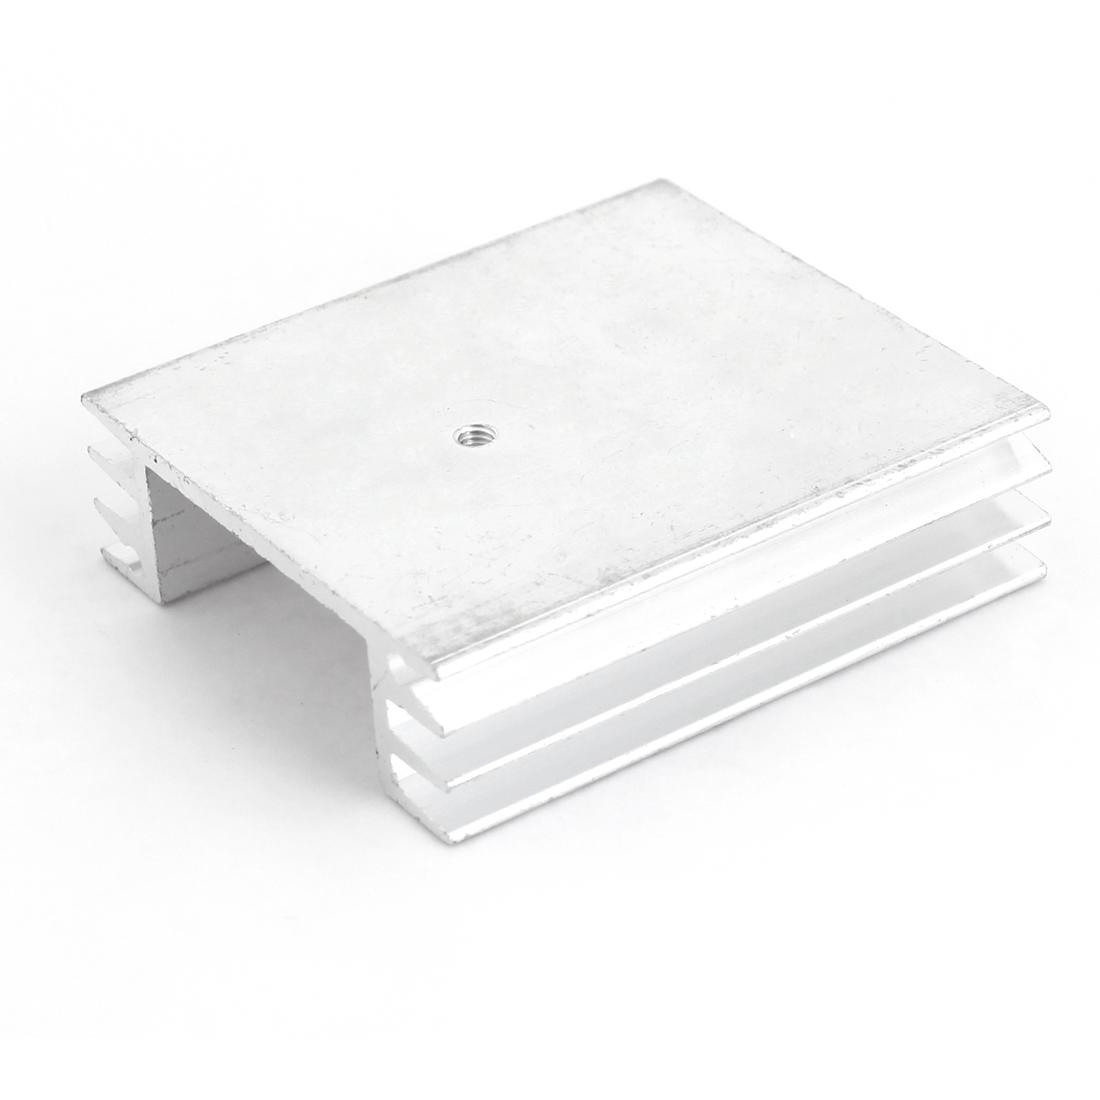 50mm x 44mm x 14mm Aluminium Heatsink Heat Dissipate Cooling Fin